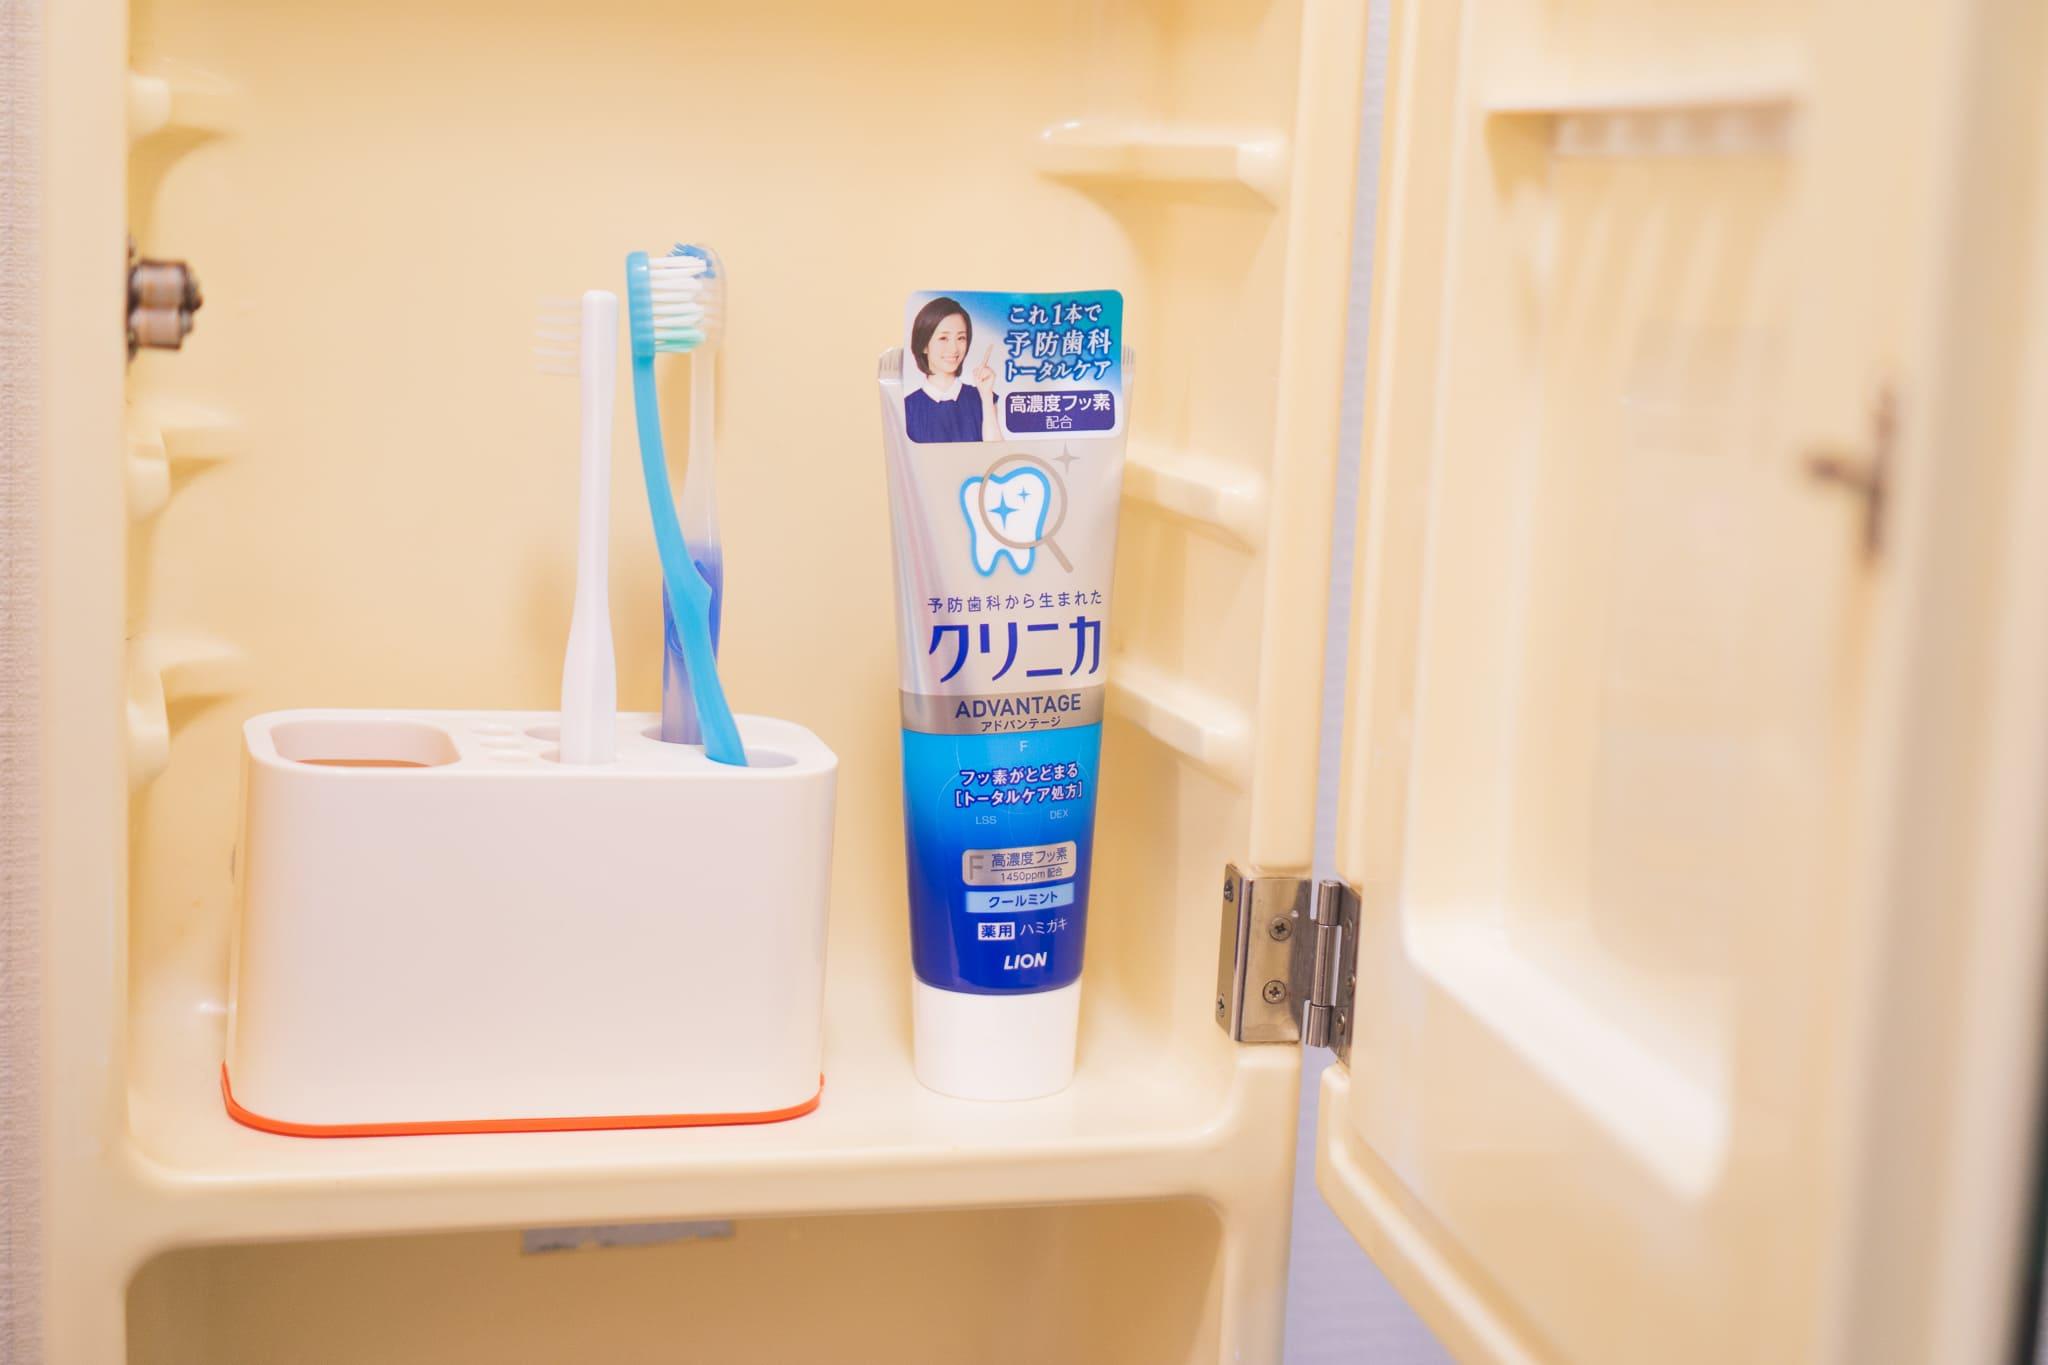 以前使っていた歯ブラシスタンド